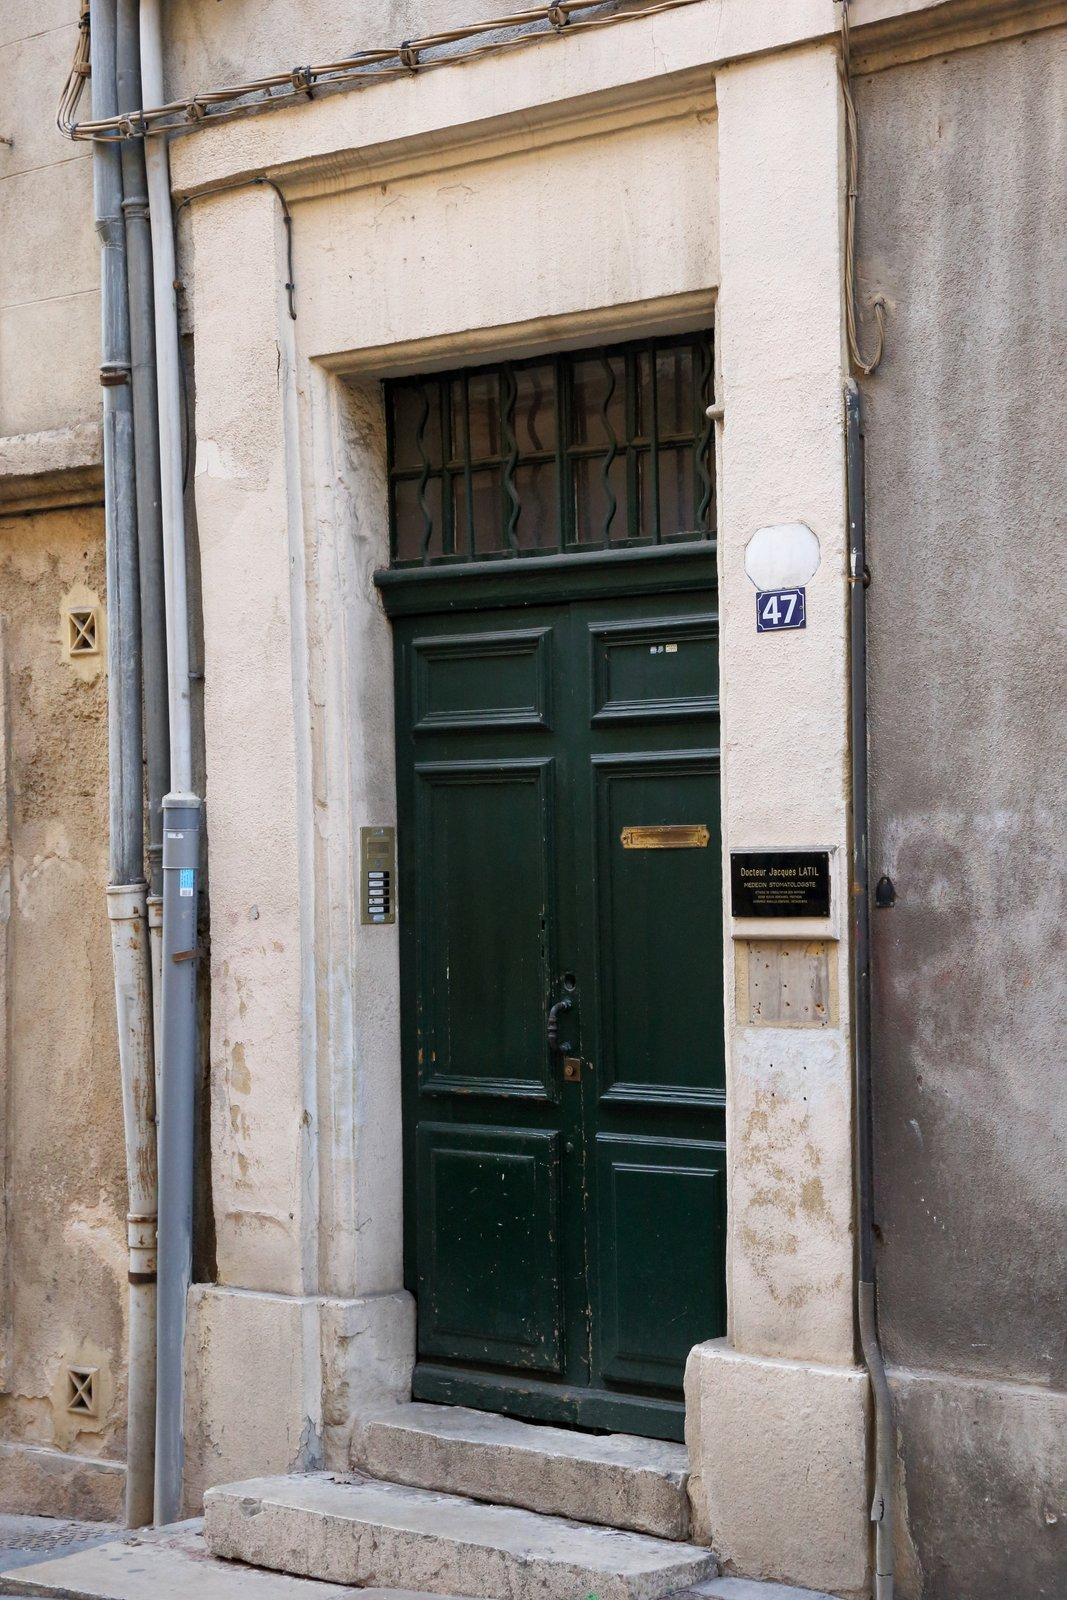 Aix_2013-03-02_0106